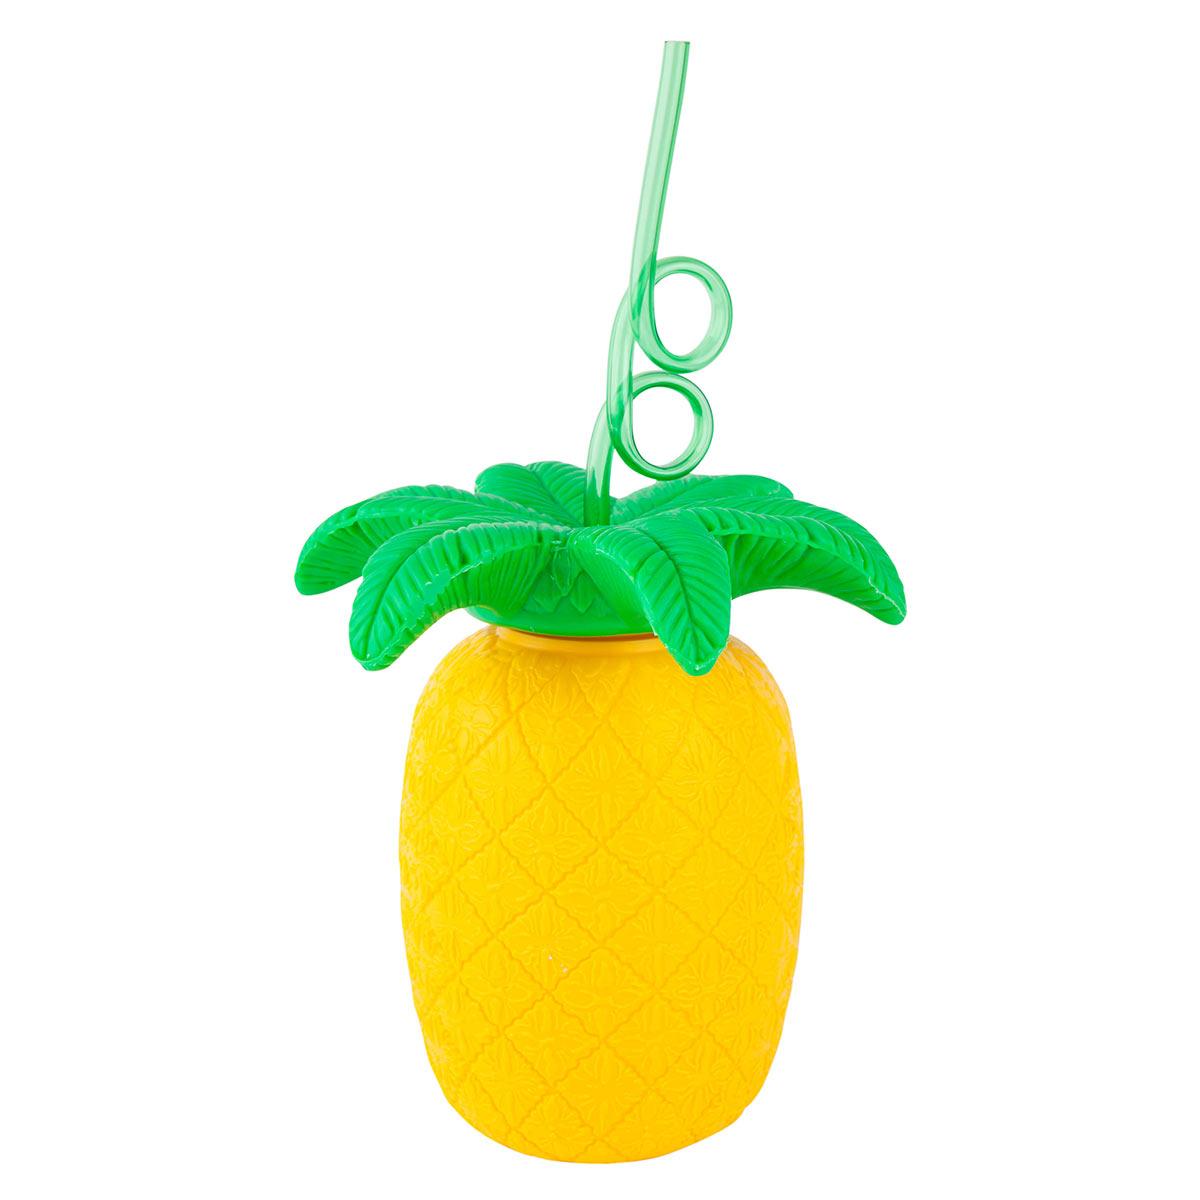 Gobelet jaune avec paille en forme d'Ananas